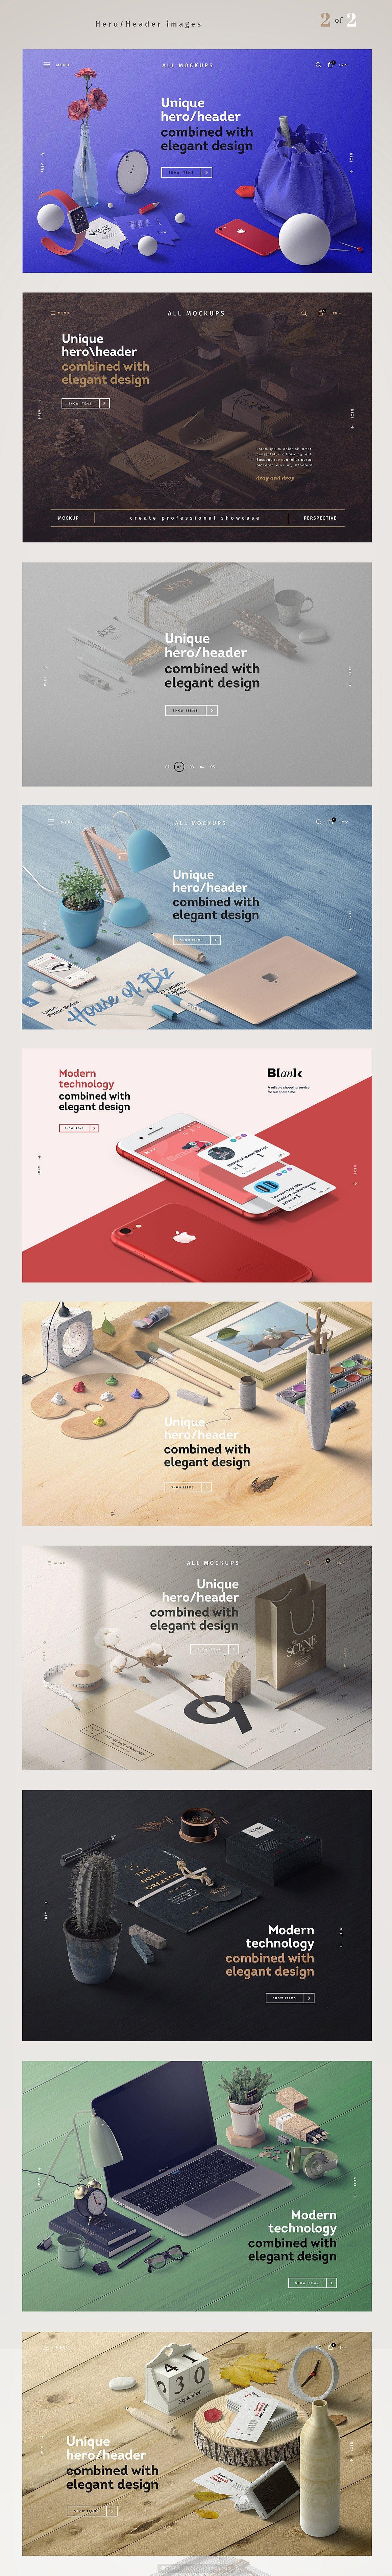 高质量品牌提案VI场景设计PSD样机